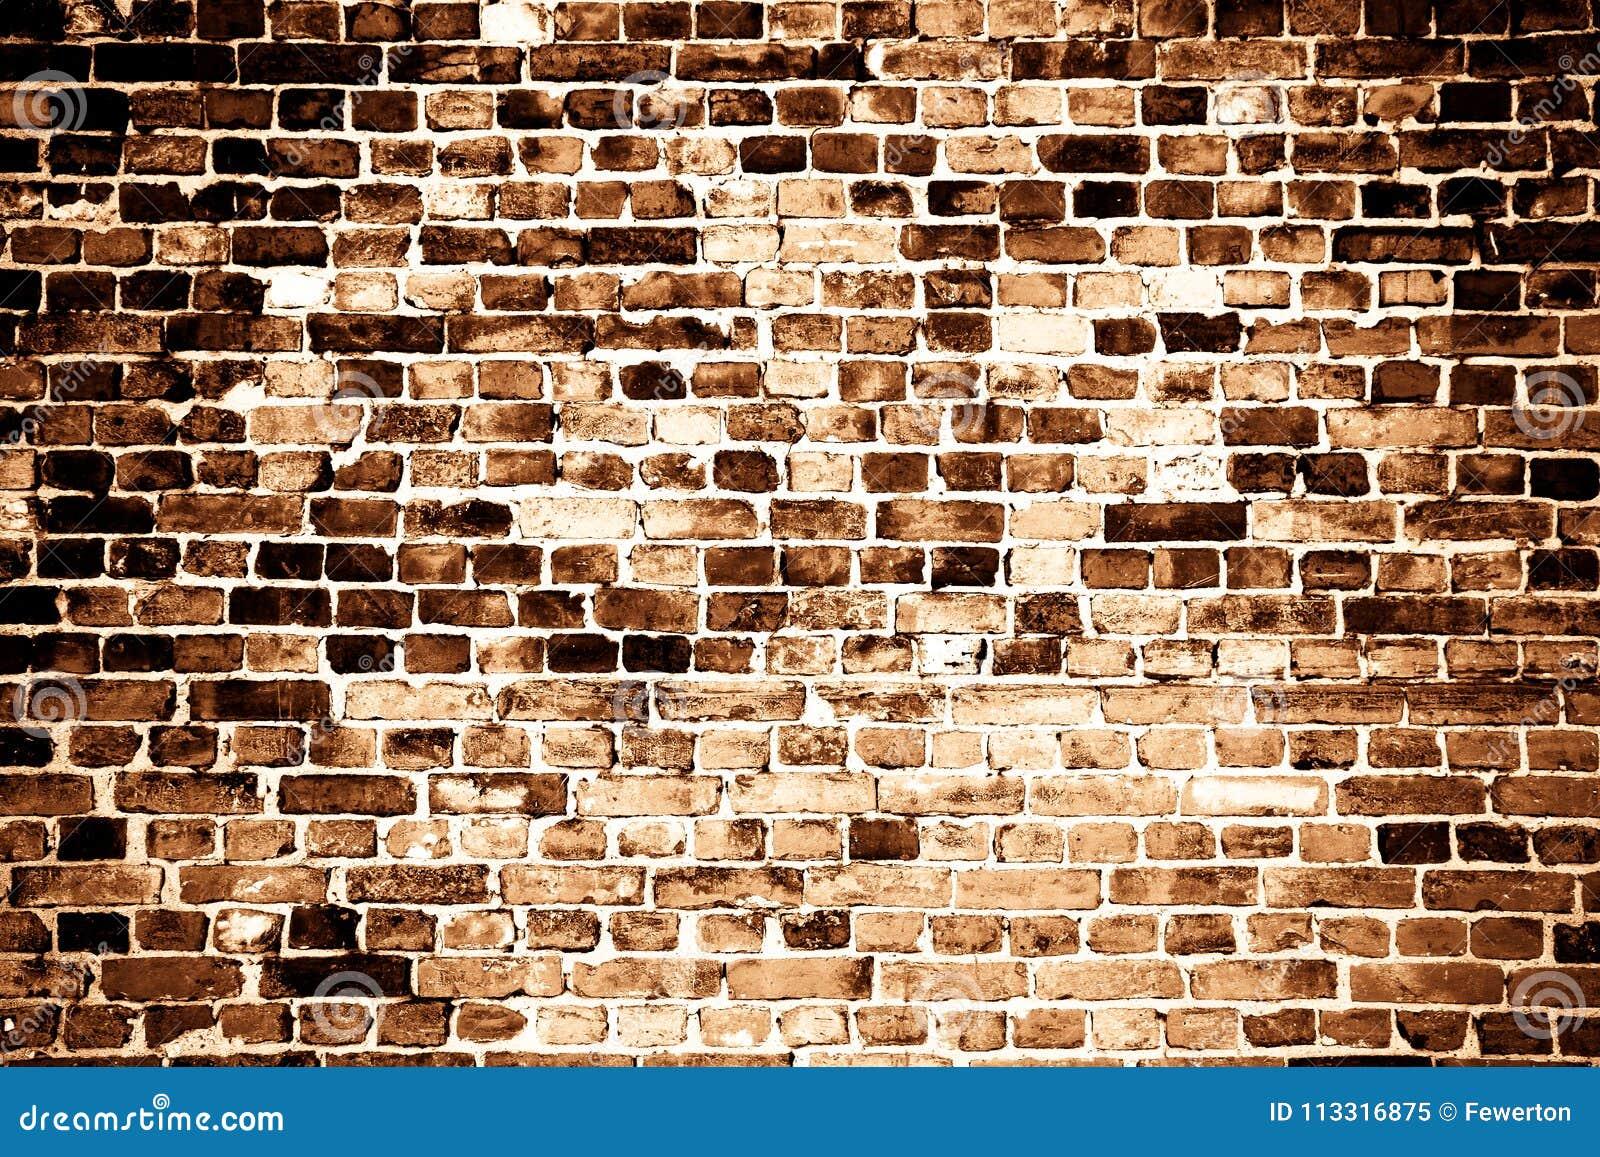 Vieux et superficiel par les agents mur de briques rouge sale comme fond de texture dans le ton de sépia avec du dégradé